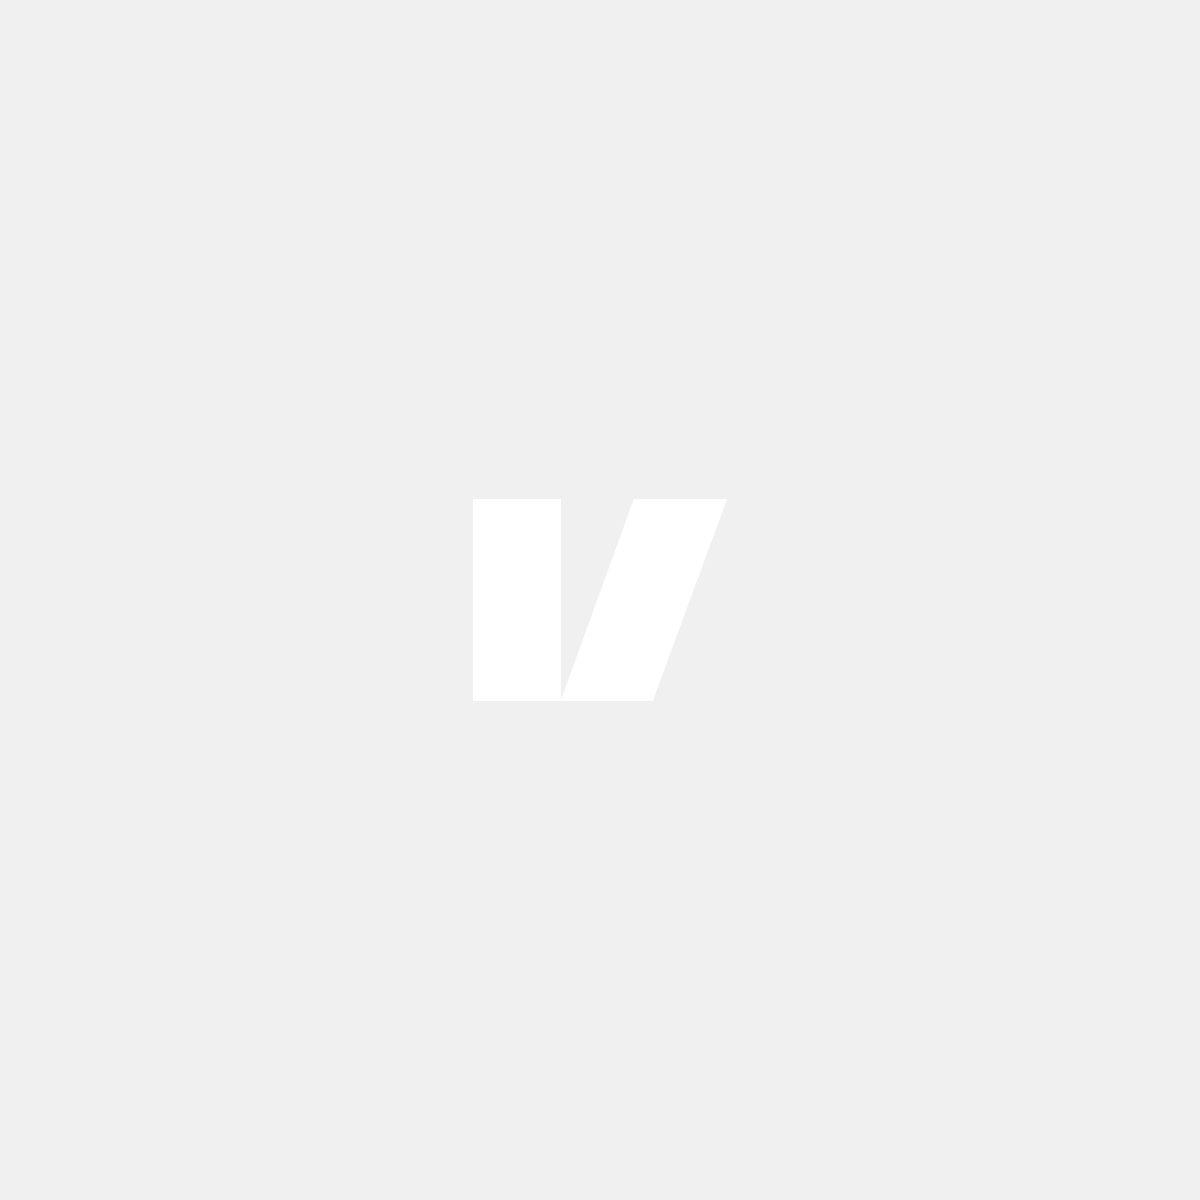 Blanksvarta backspegelkåpor till Volvo XC70 08-17